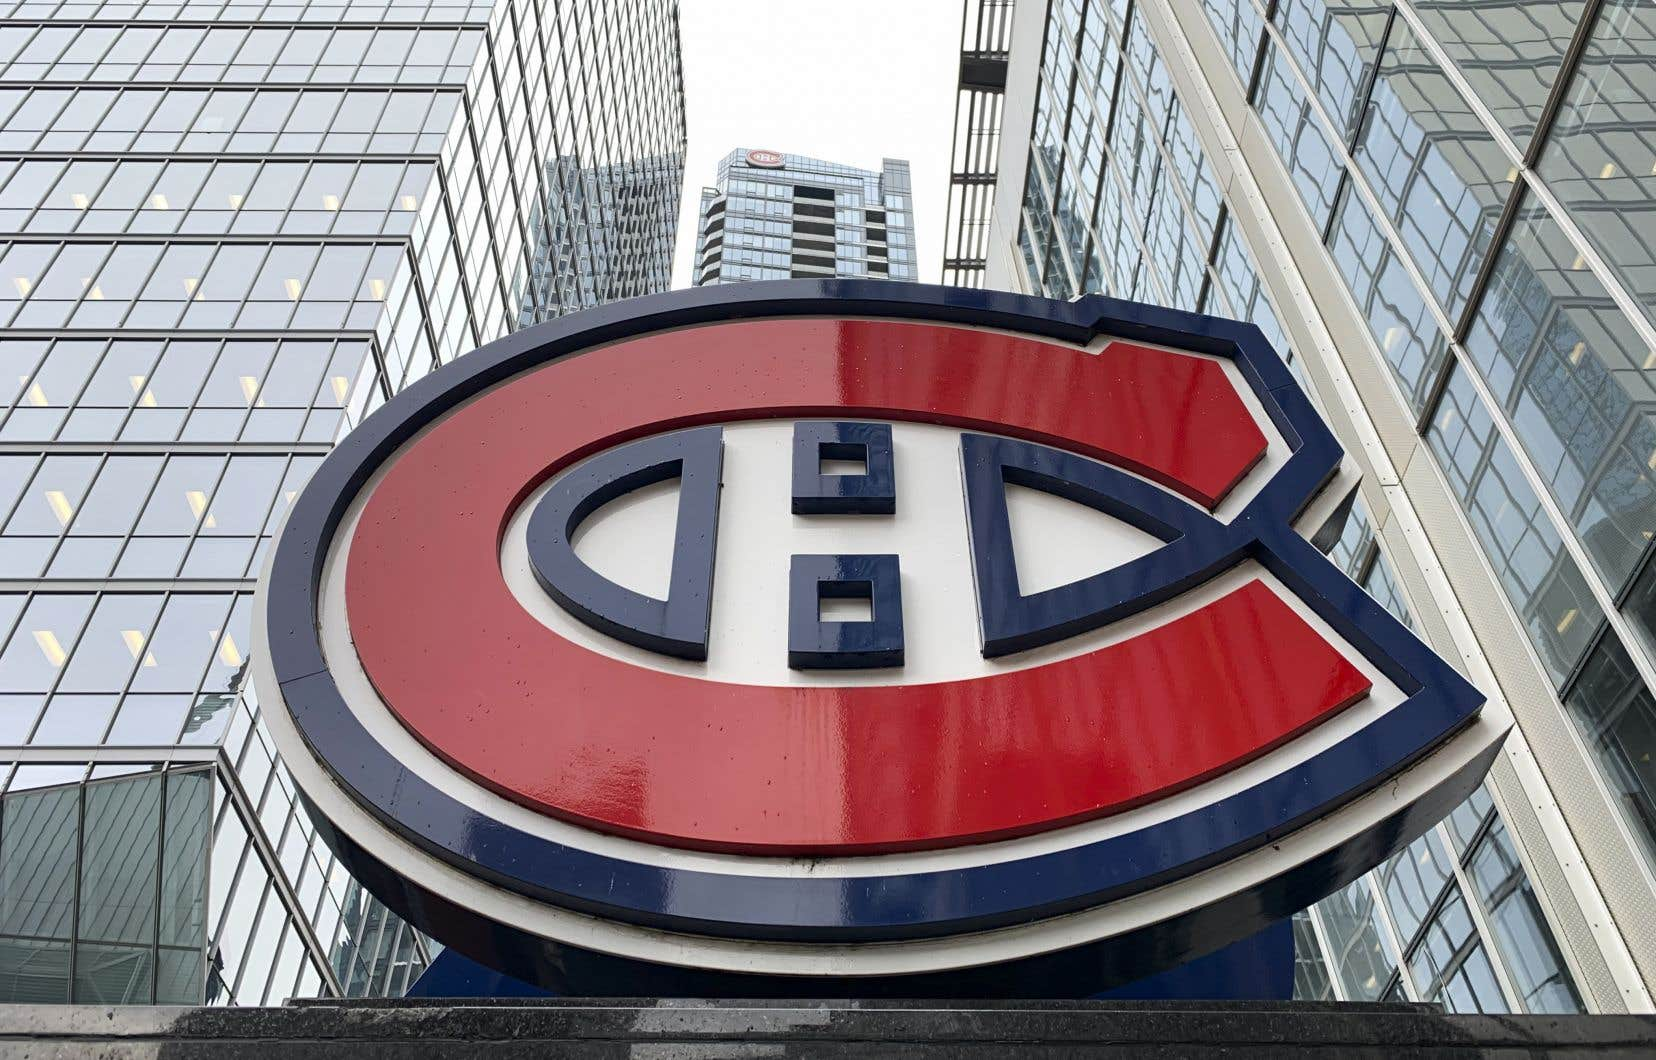 <p>Le Canadien de Montréal, avecles Rangers de New York, les Maple Leafs de Toronto,les Blackhawks de Chicagoet les Bruins de Boston, fait partie des cinq clubsresponsables du quart des revenus de la LNH.</p>